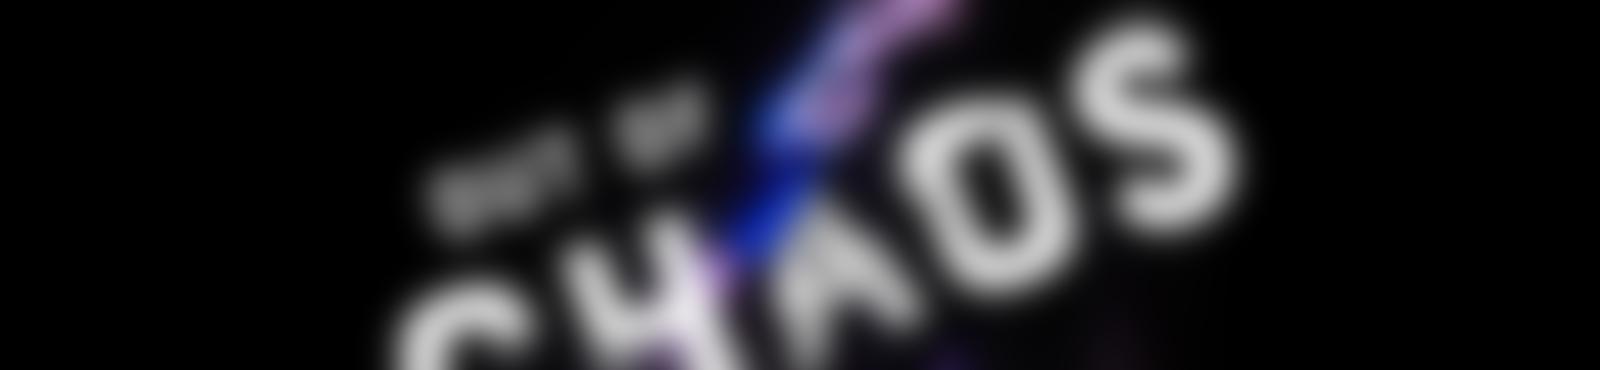 Blurred 090cfc4d ffc9 46b0 b5c7 e97a74fa7f70